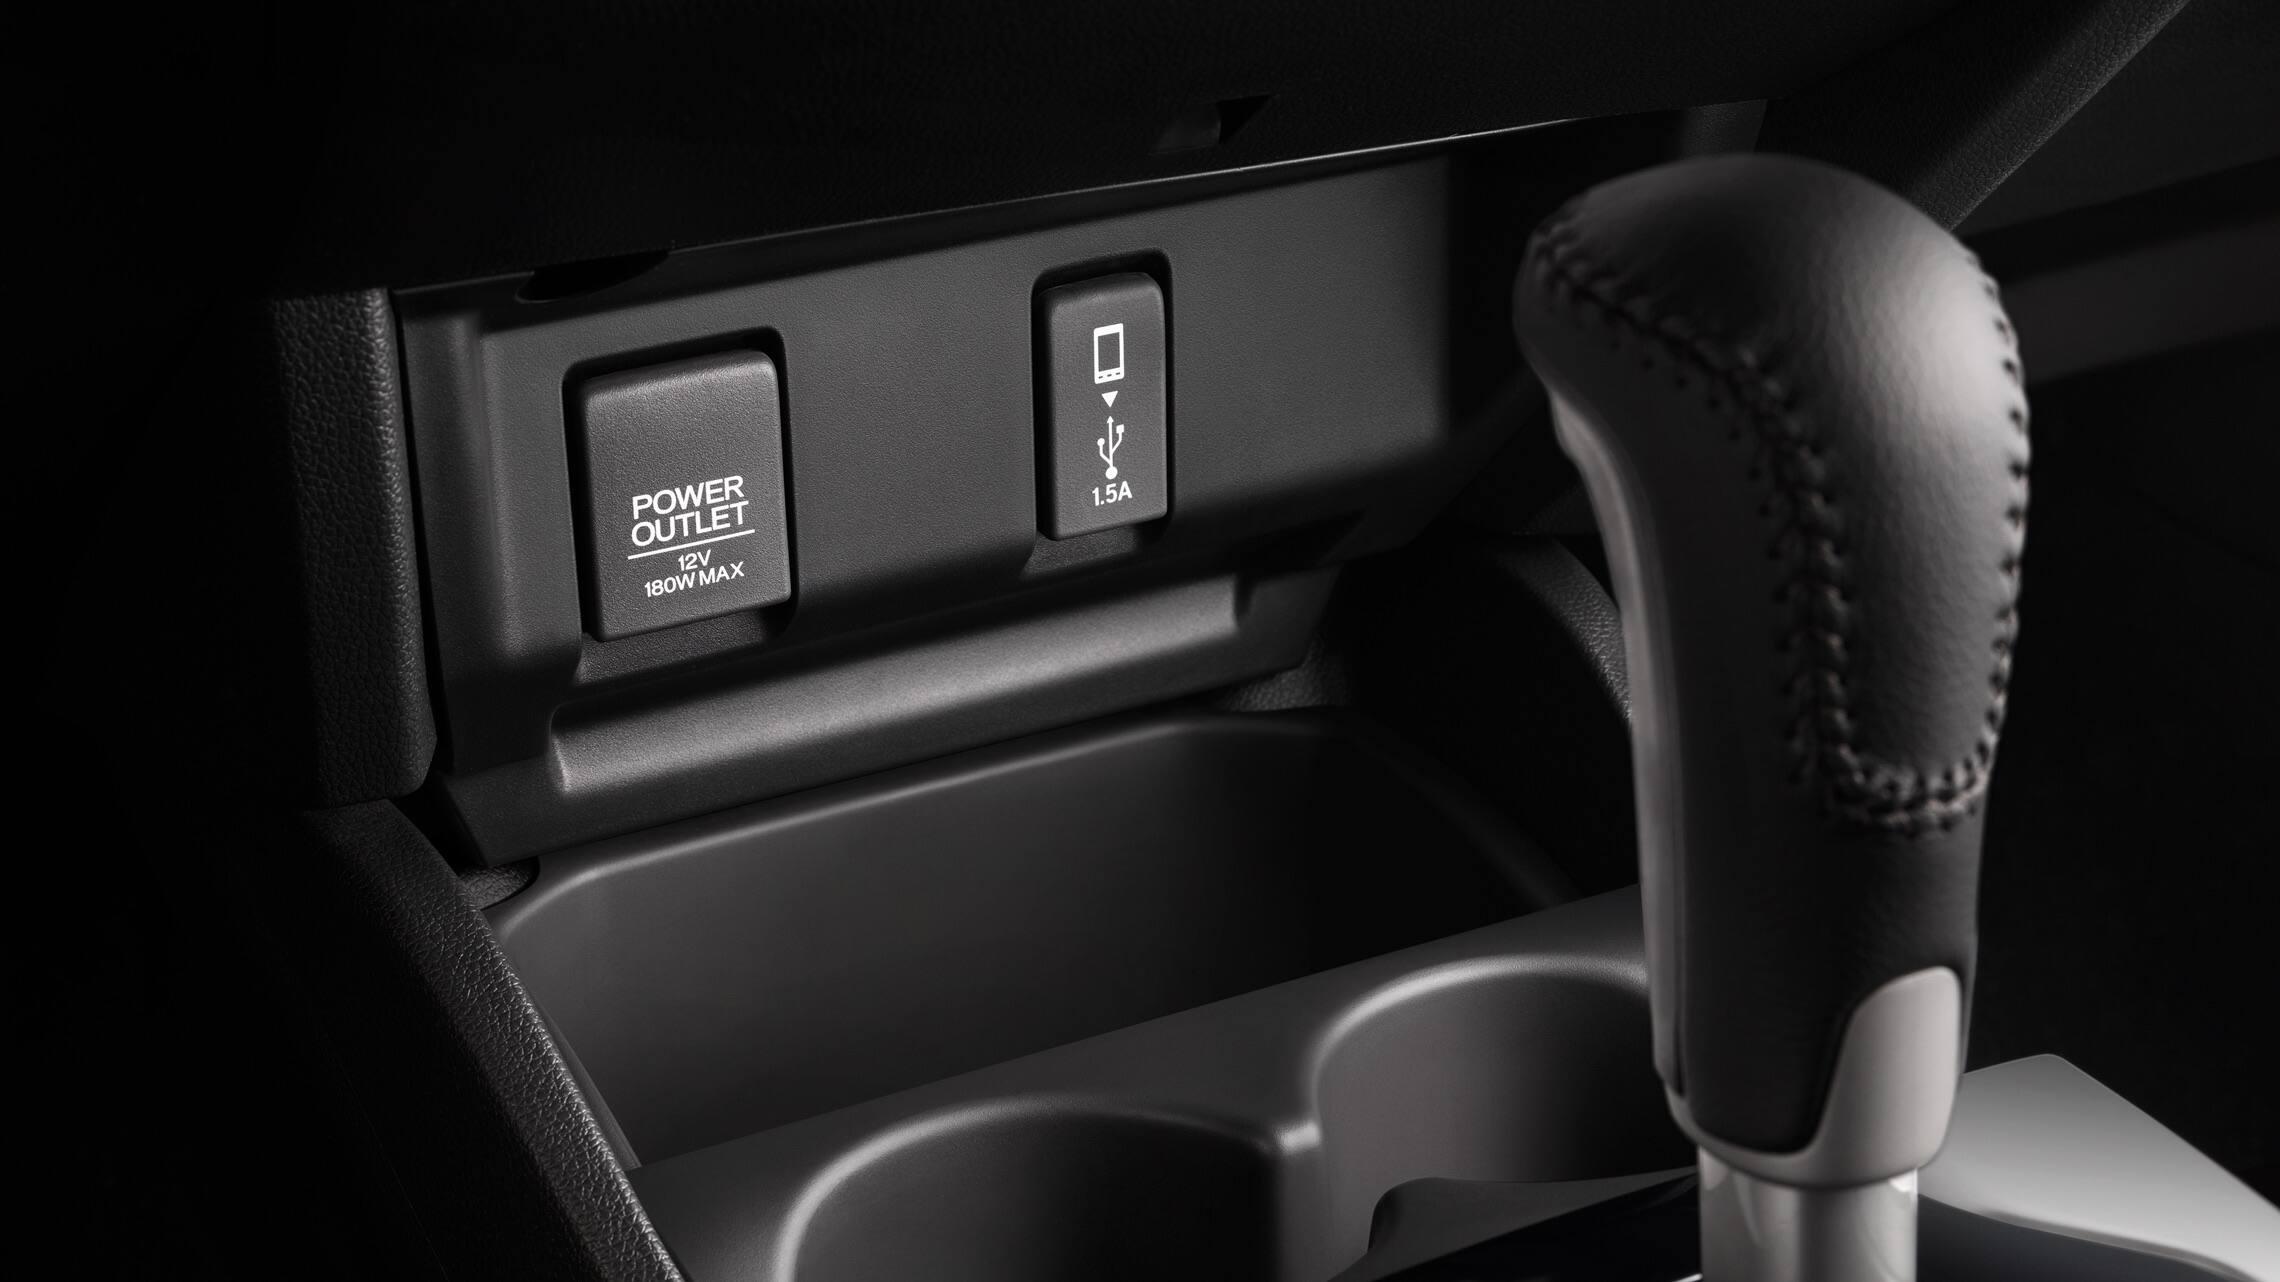 Detalle del puerto USB y la palanca de cambios automática en el Honda Fit EX-L2020.